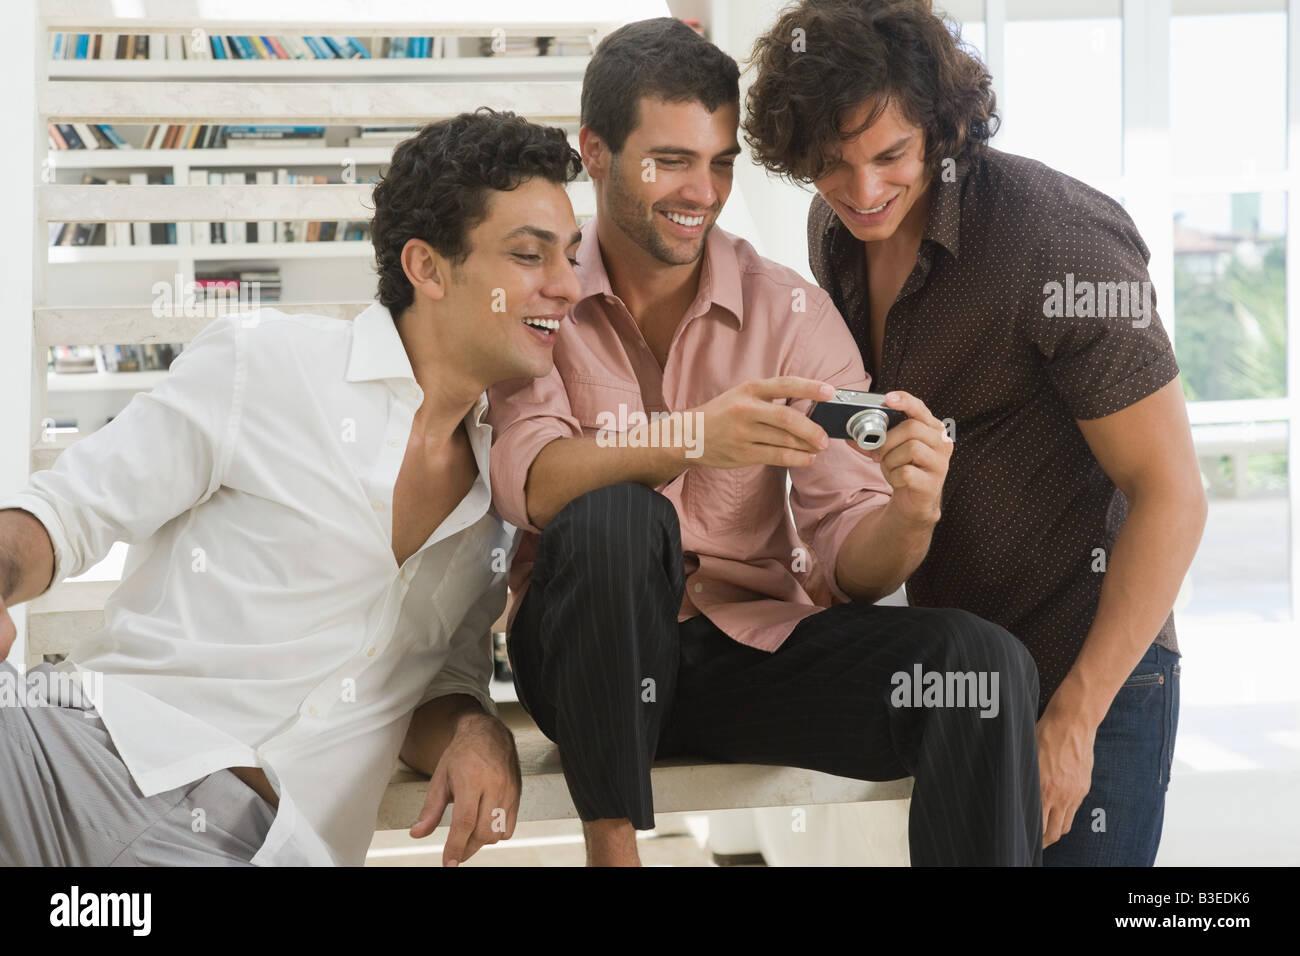 Männer betrachten von Fotos auf einer Kamera Stockbild